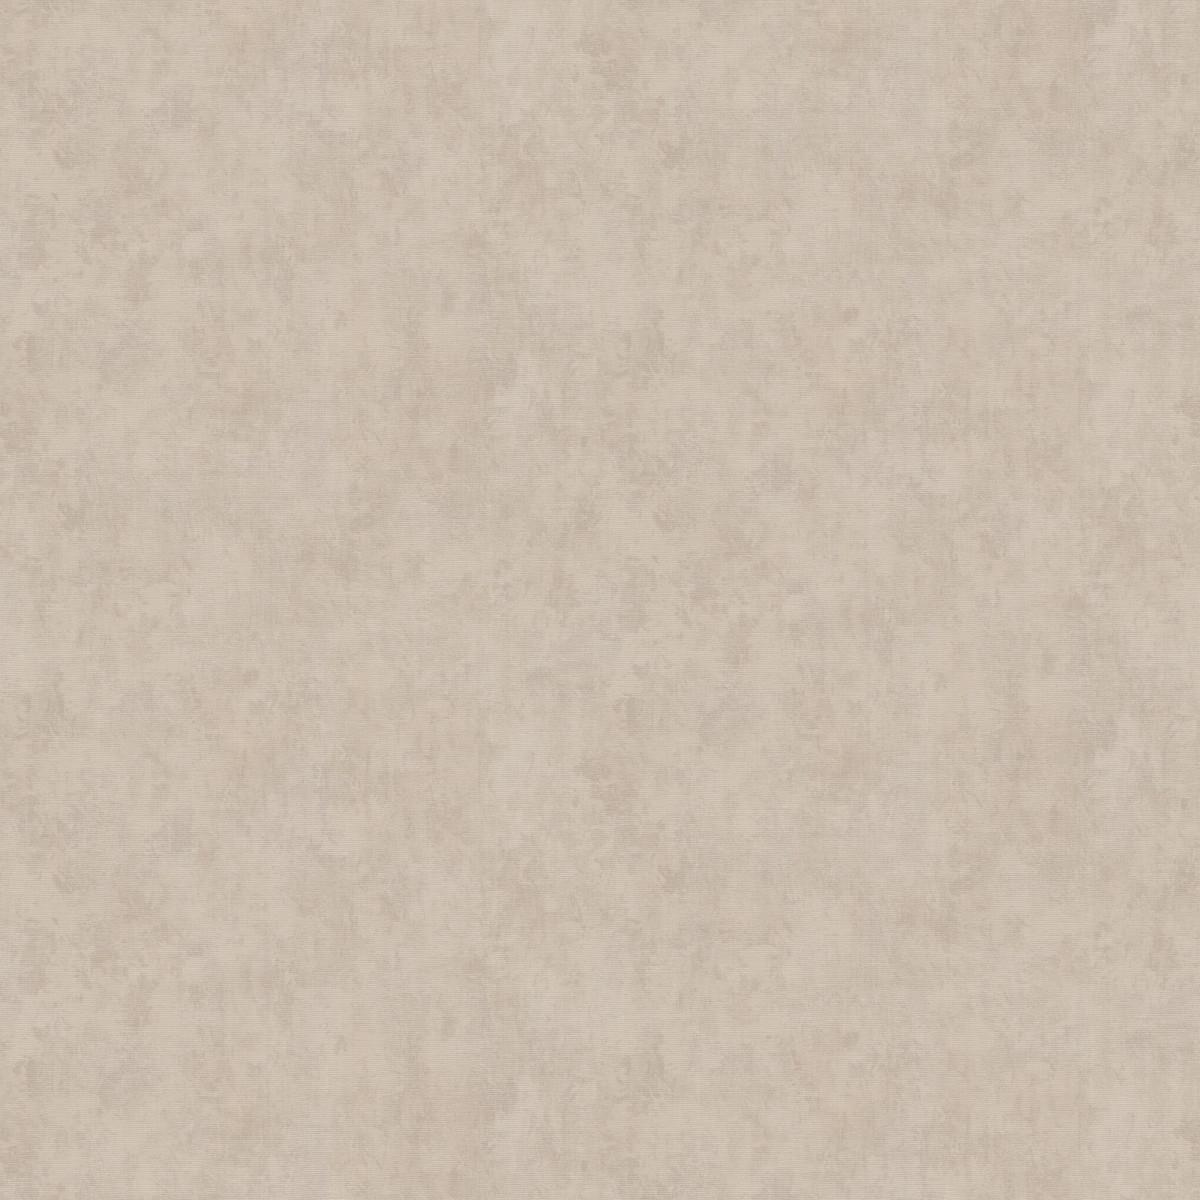 Обои флизелиновые Палитра бежевые 1.06 м PL71224-28